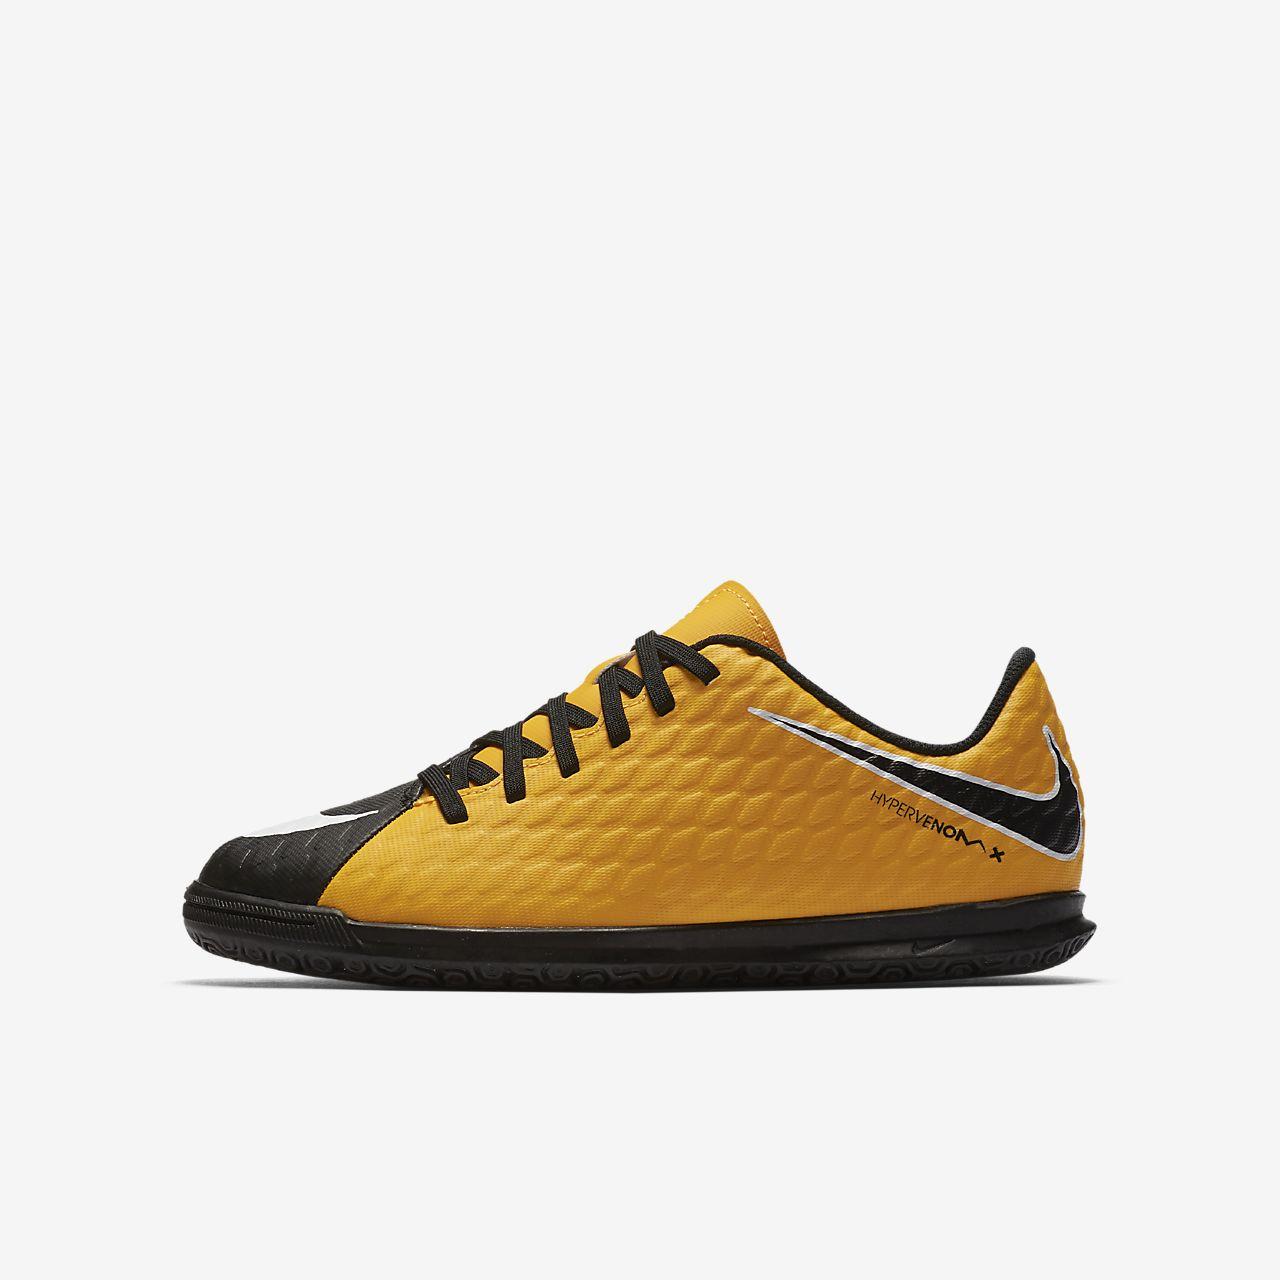 Nike Jr. HypervenomX Phade 3 Botas de fútbol sala - Niño/a y niño/a pequeño/a